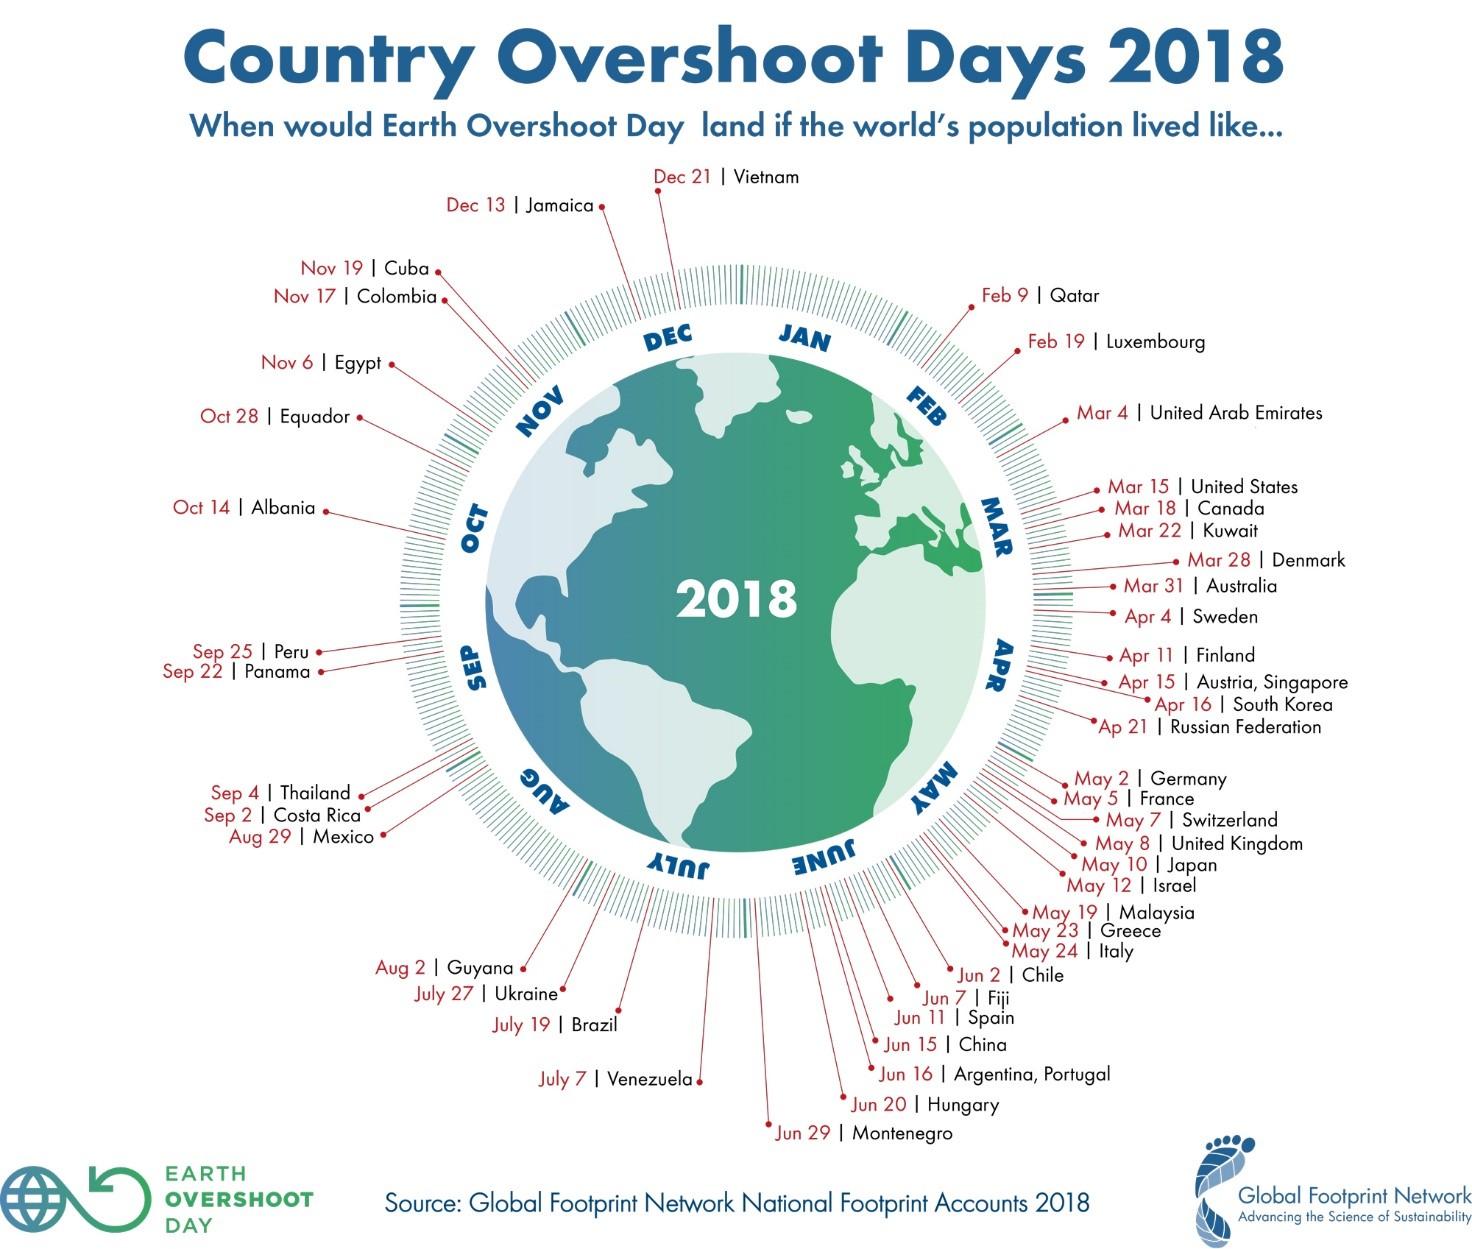 L'Overshoot Day 2018: la continua razzia di risorse appartenenti alle generazione future 1